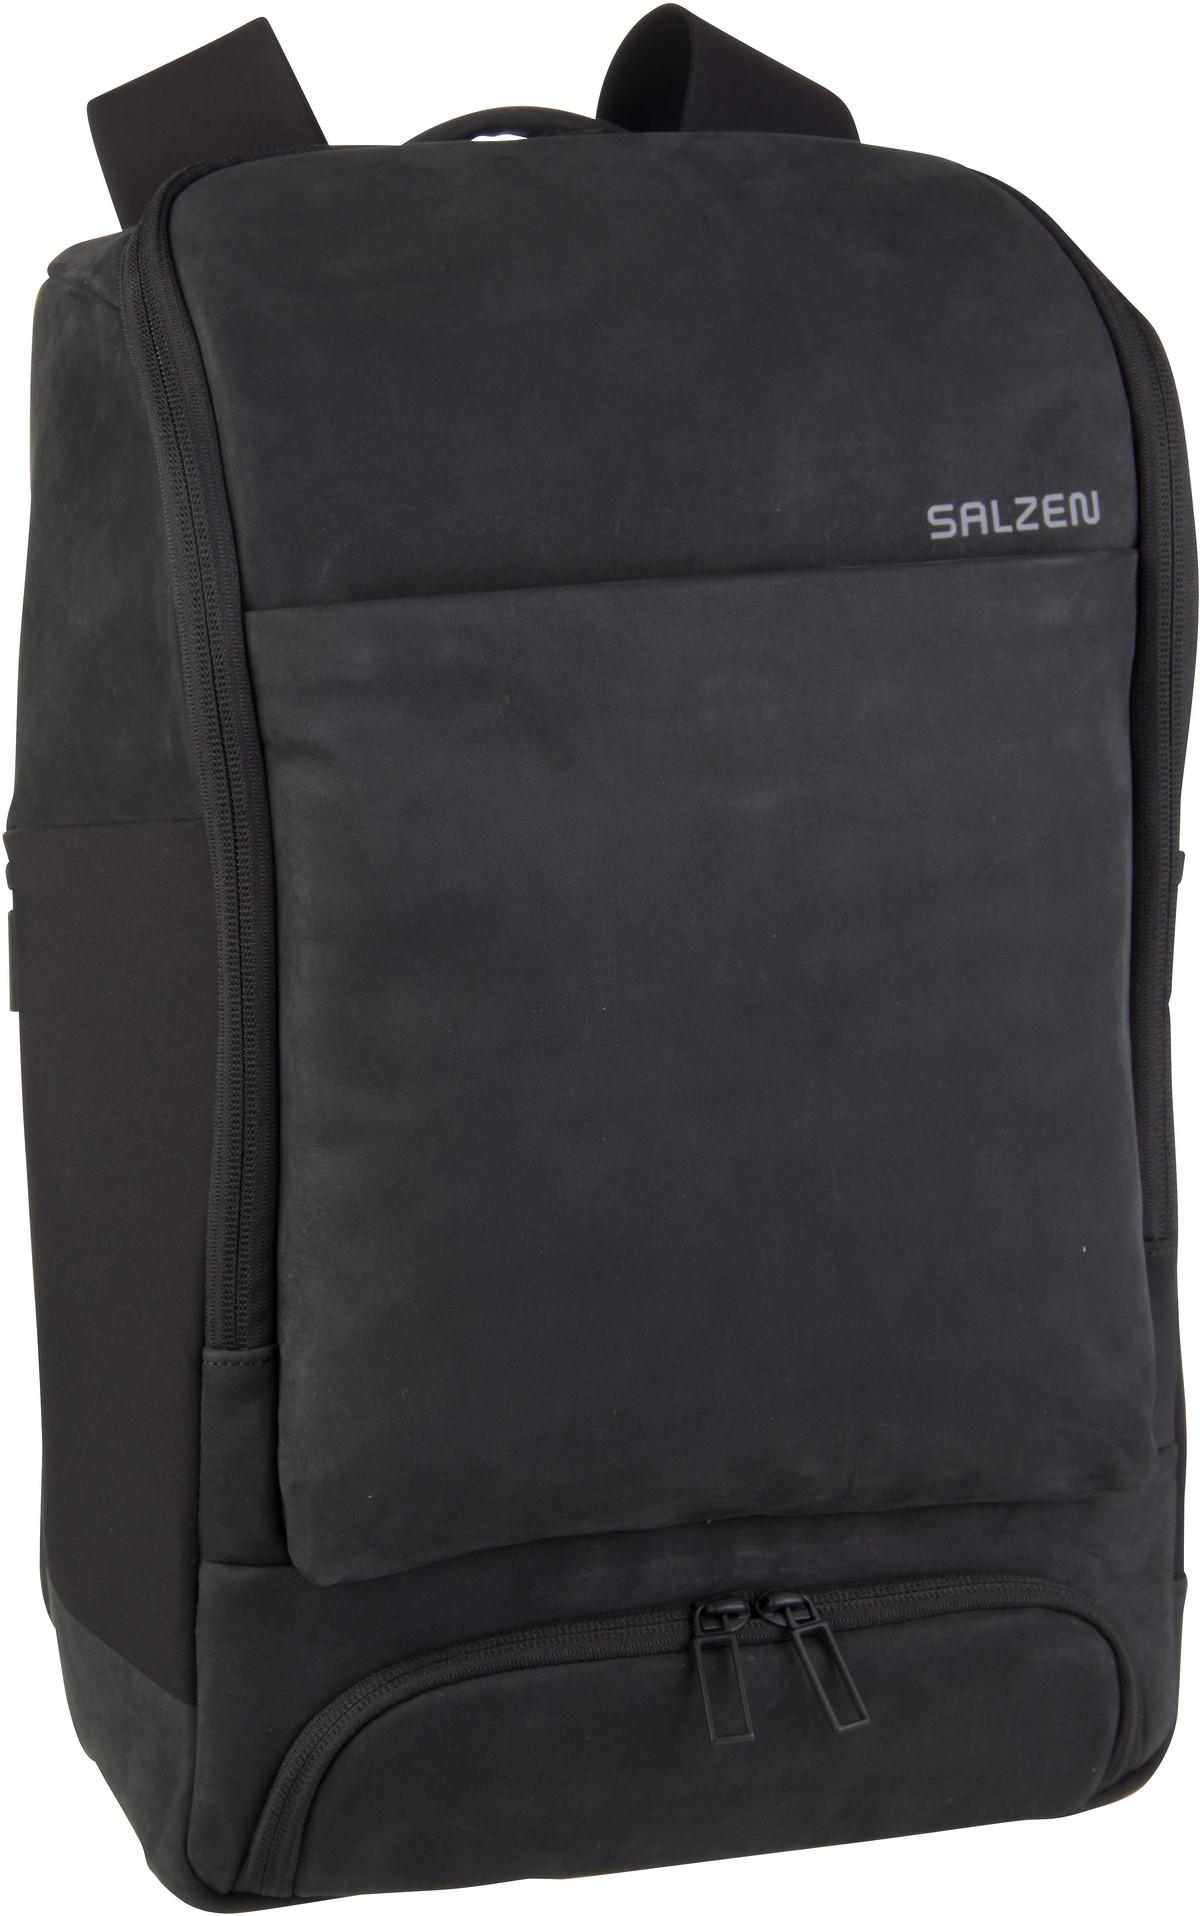 Laptoprucksack Alpha Backpack Leather Charcoal Black (17 Liter)